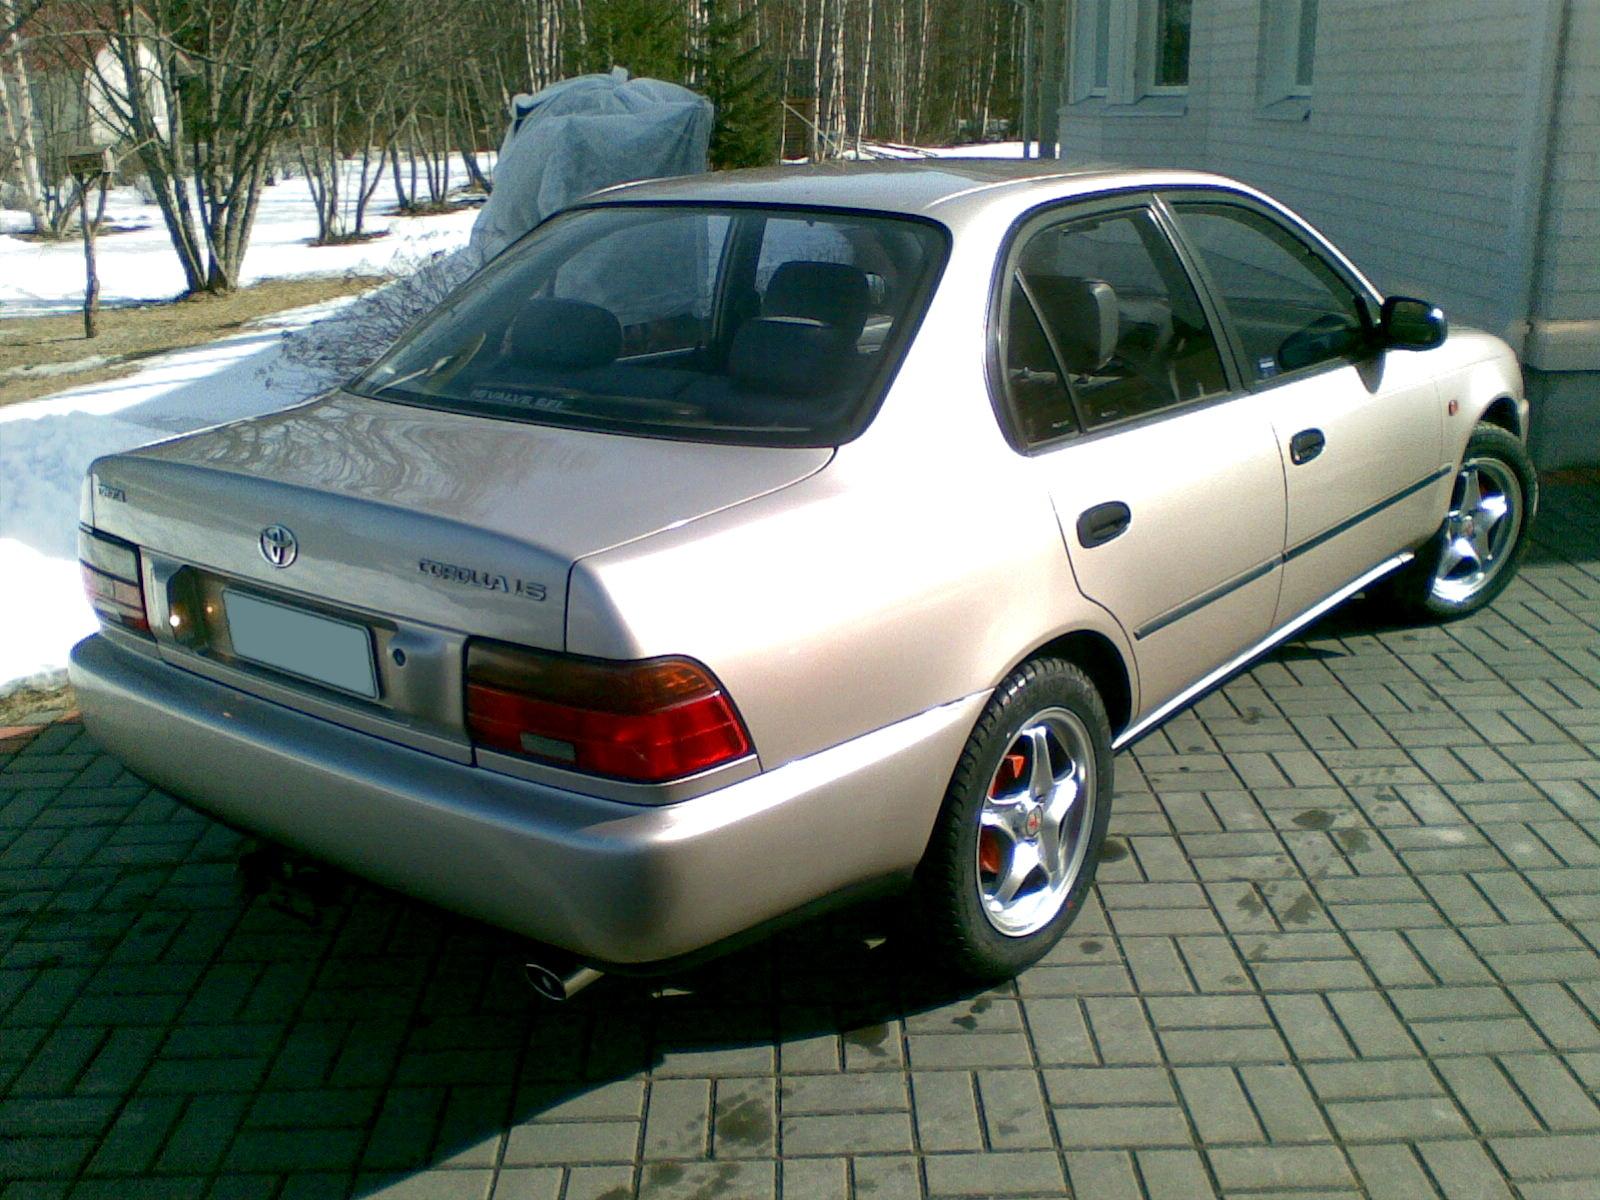 1994 Toyota Corolla Image 4